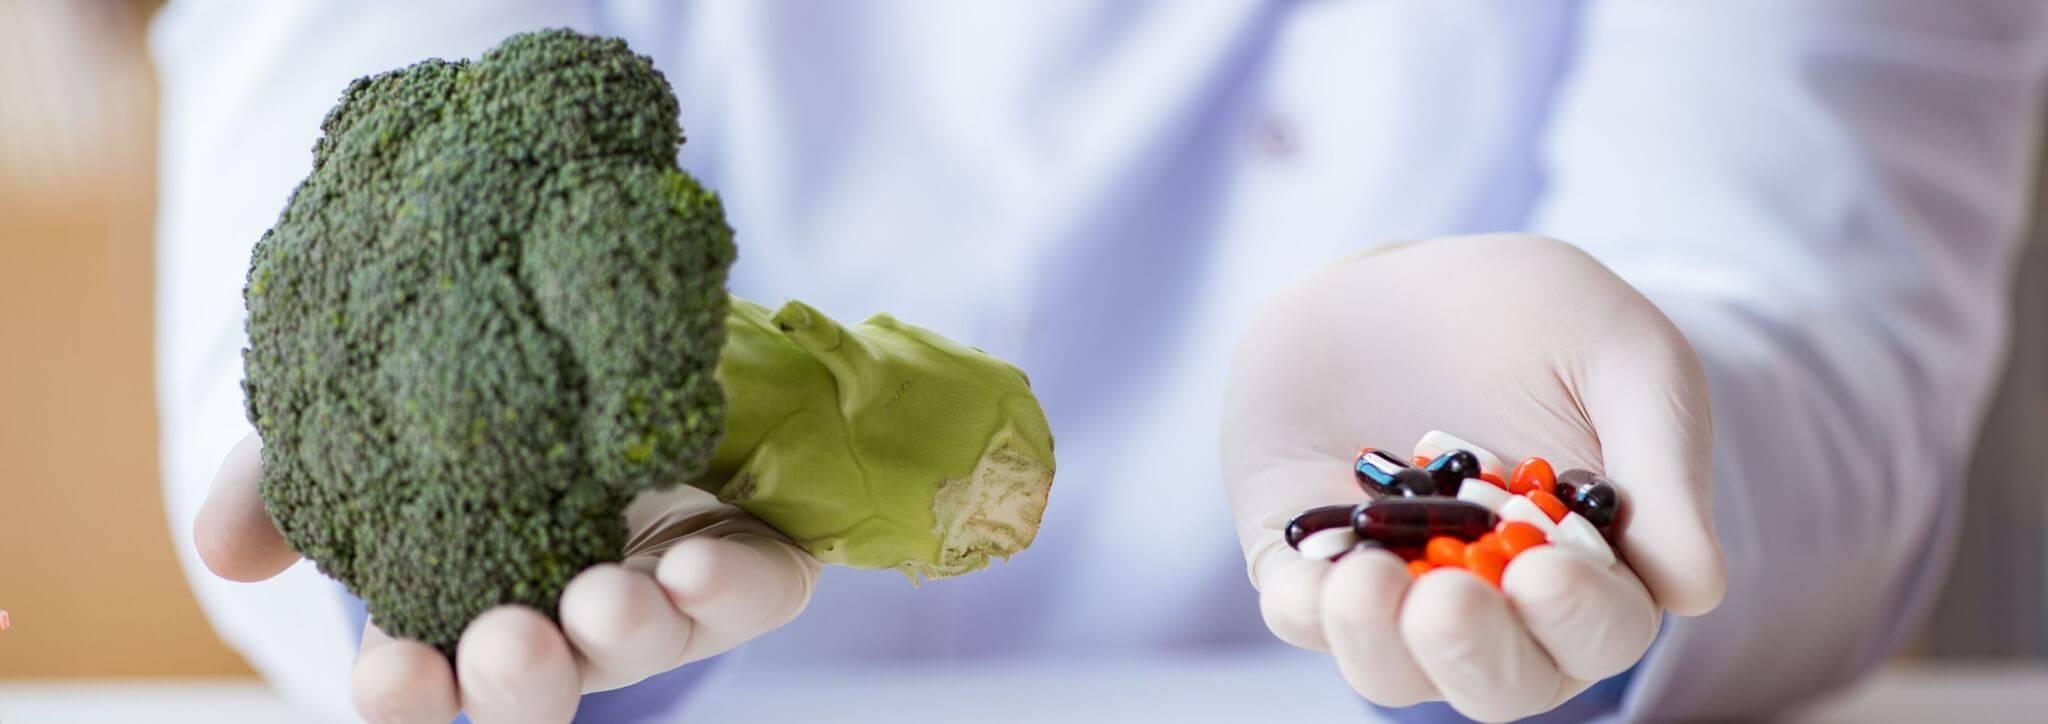 waarom de dokter geen broccoli voorschrijft